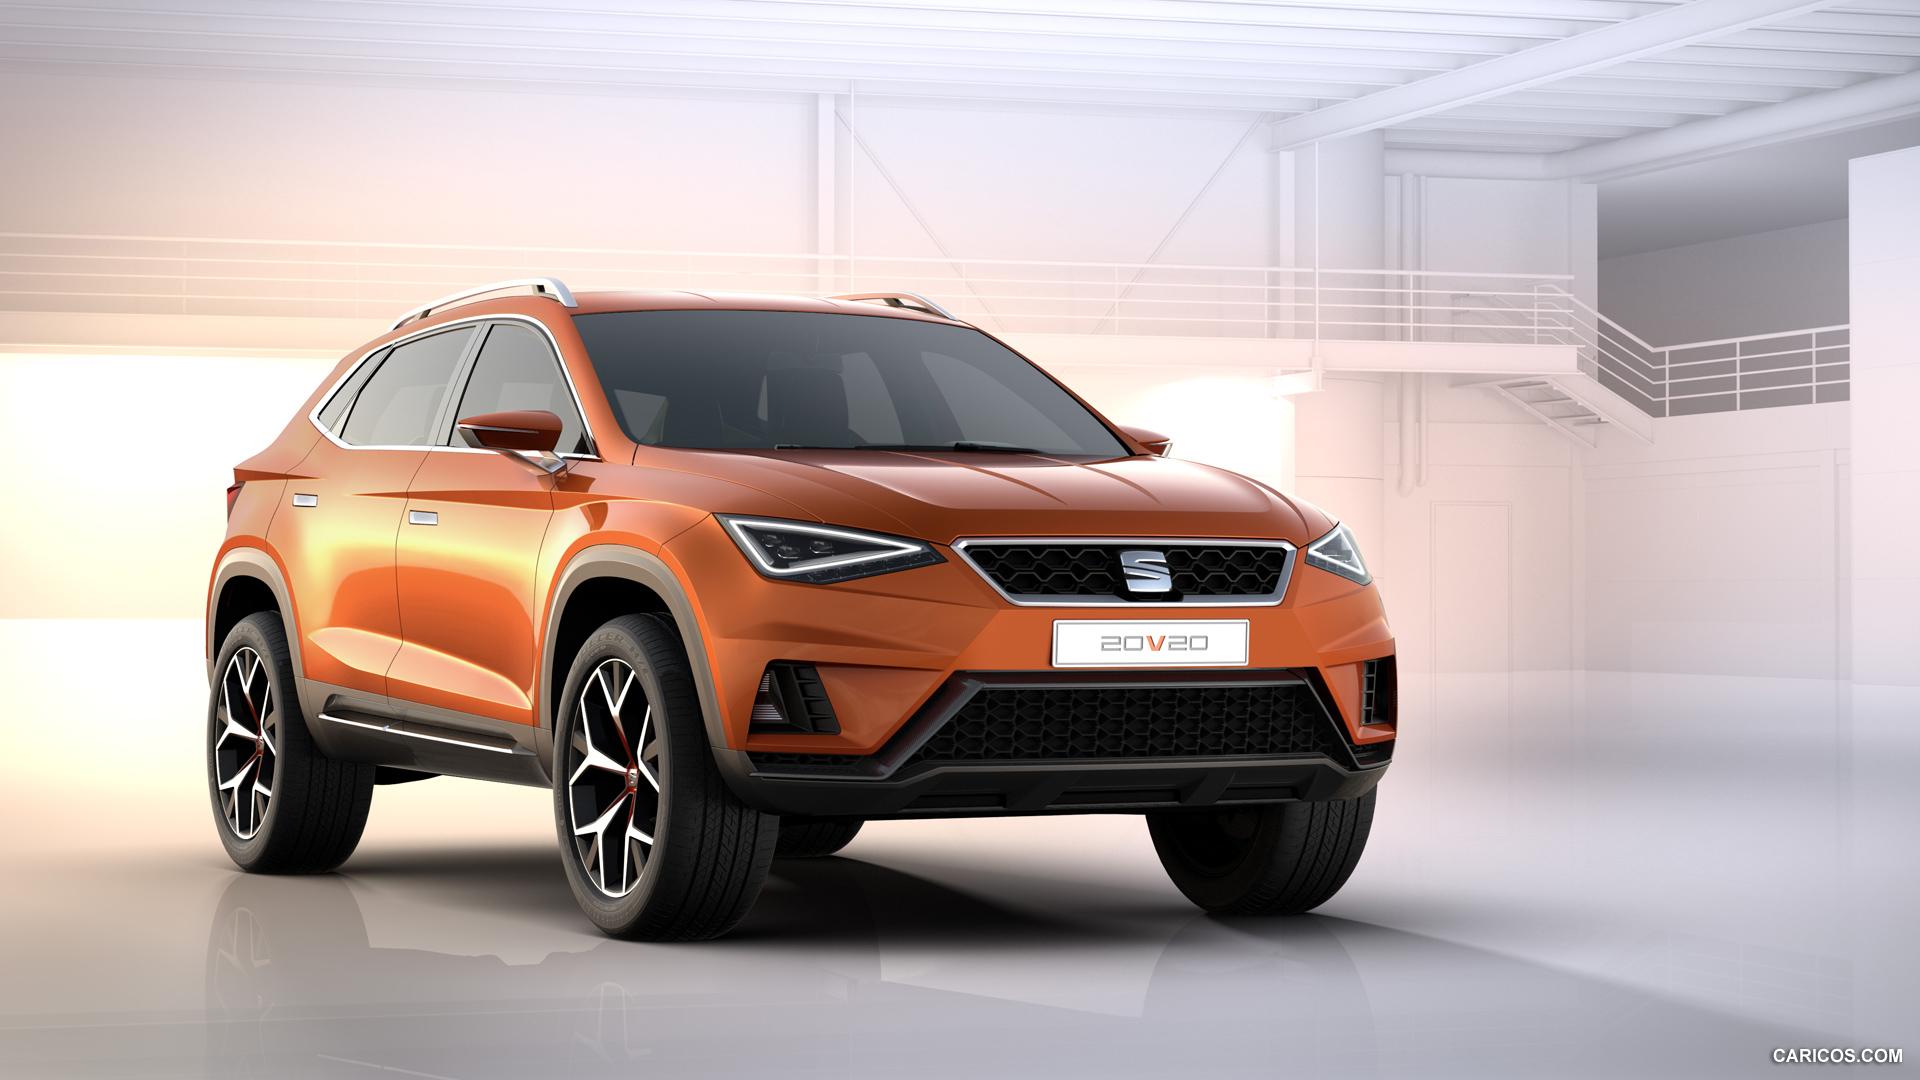 Seat prepara SUV coupé Cupra para 2020